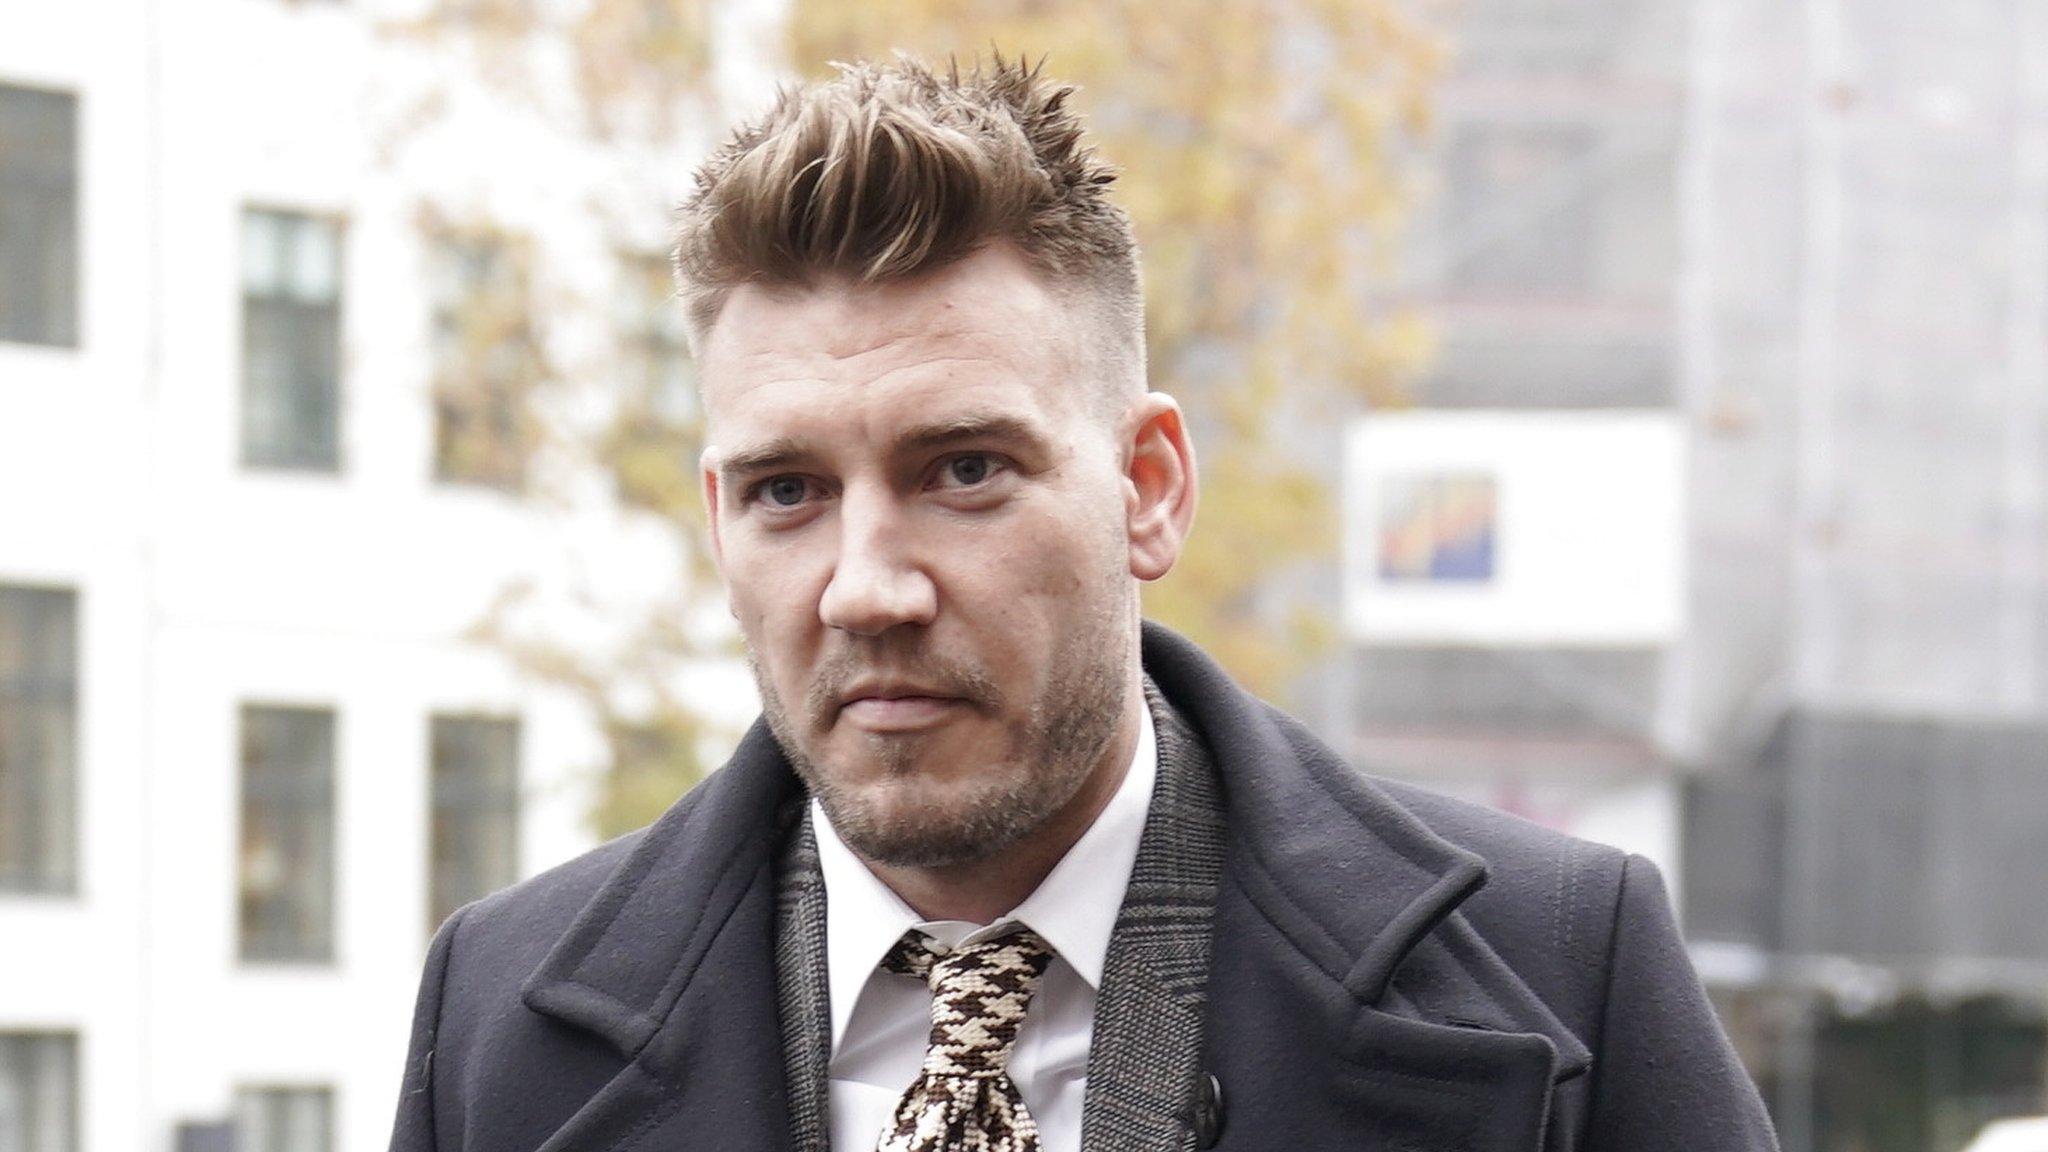 Nicklas Bendtner: Ex-Arsenal striker drops appeal against jail sentence